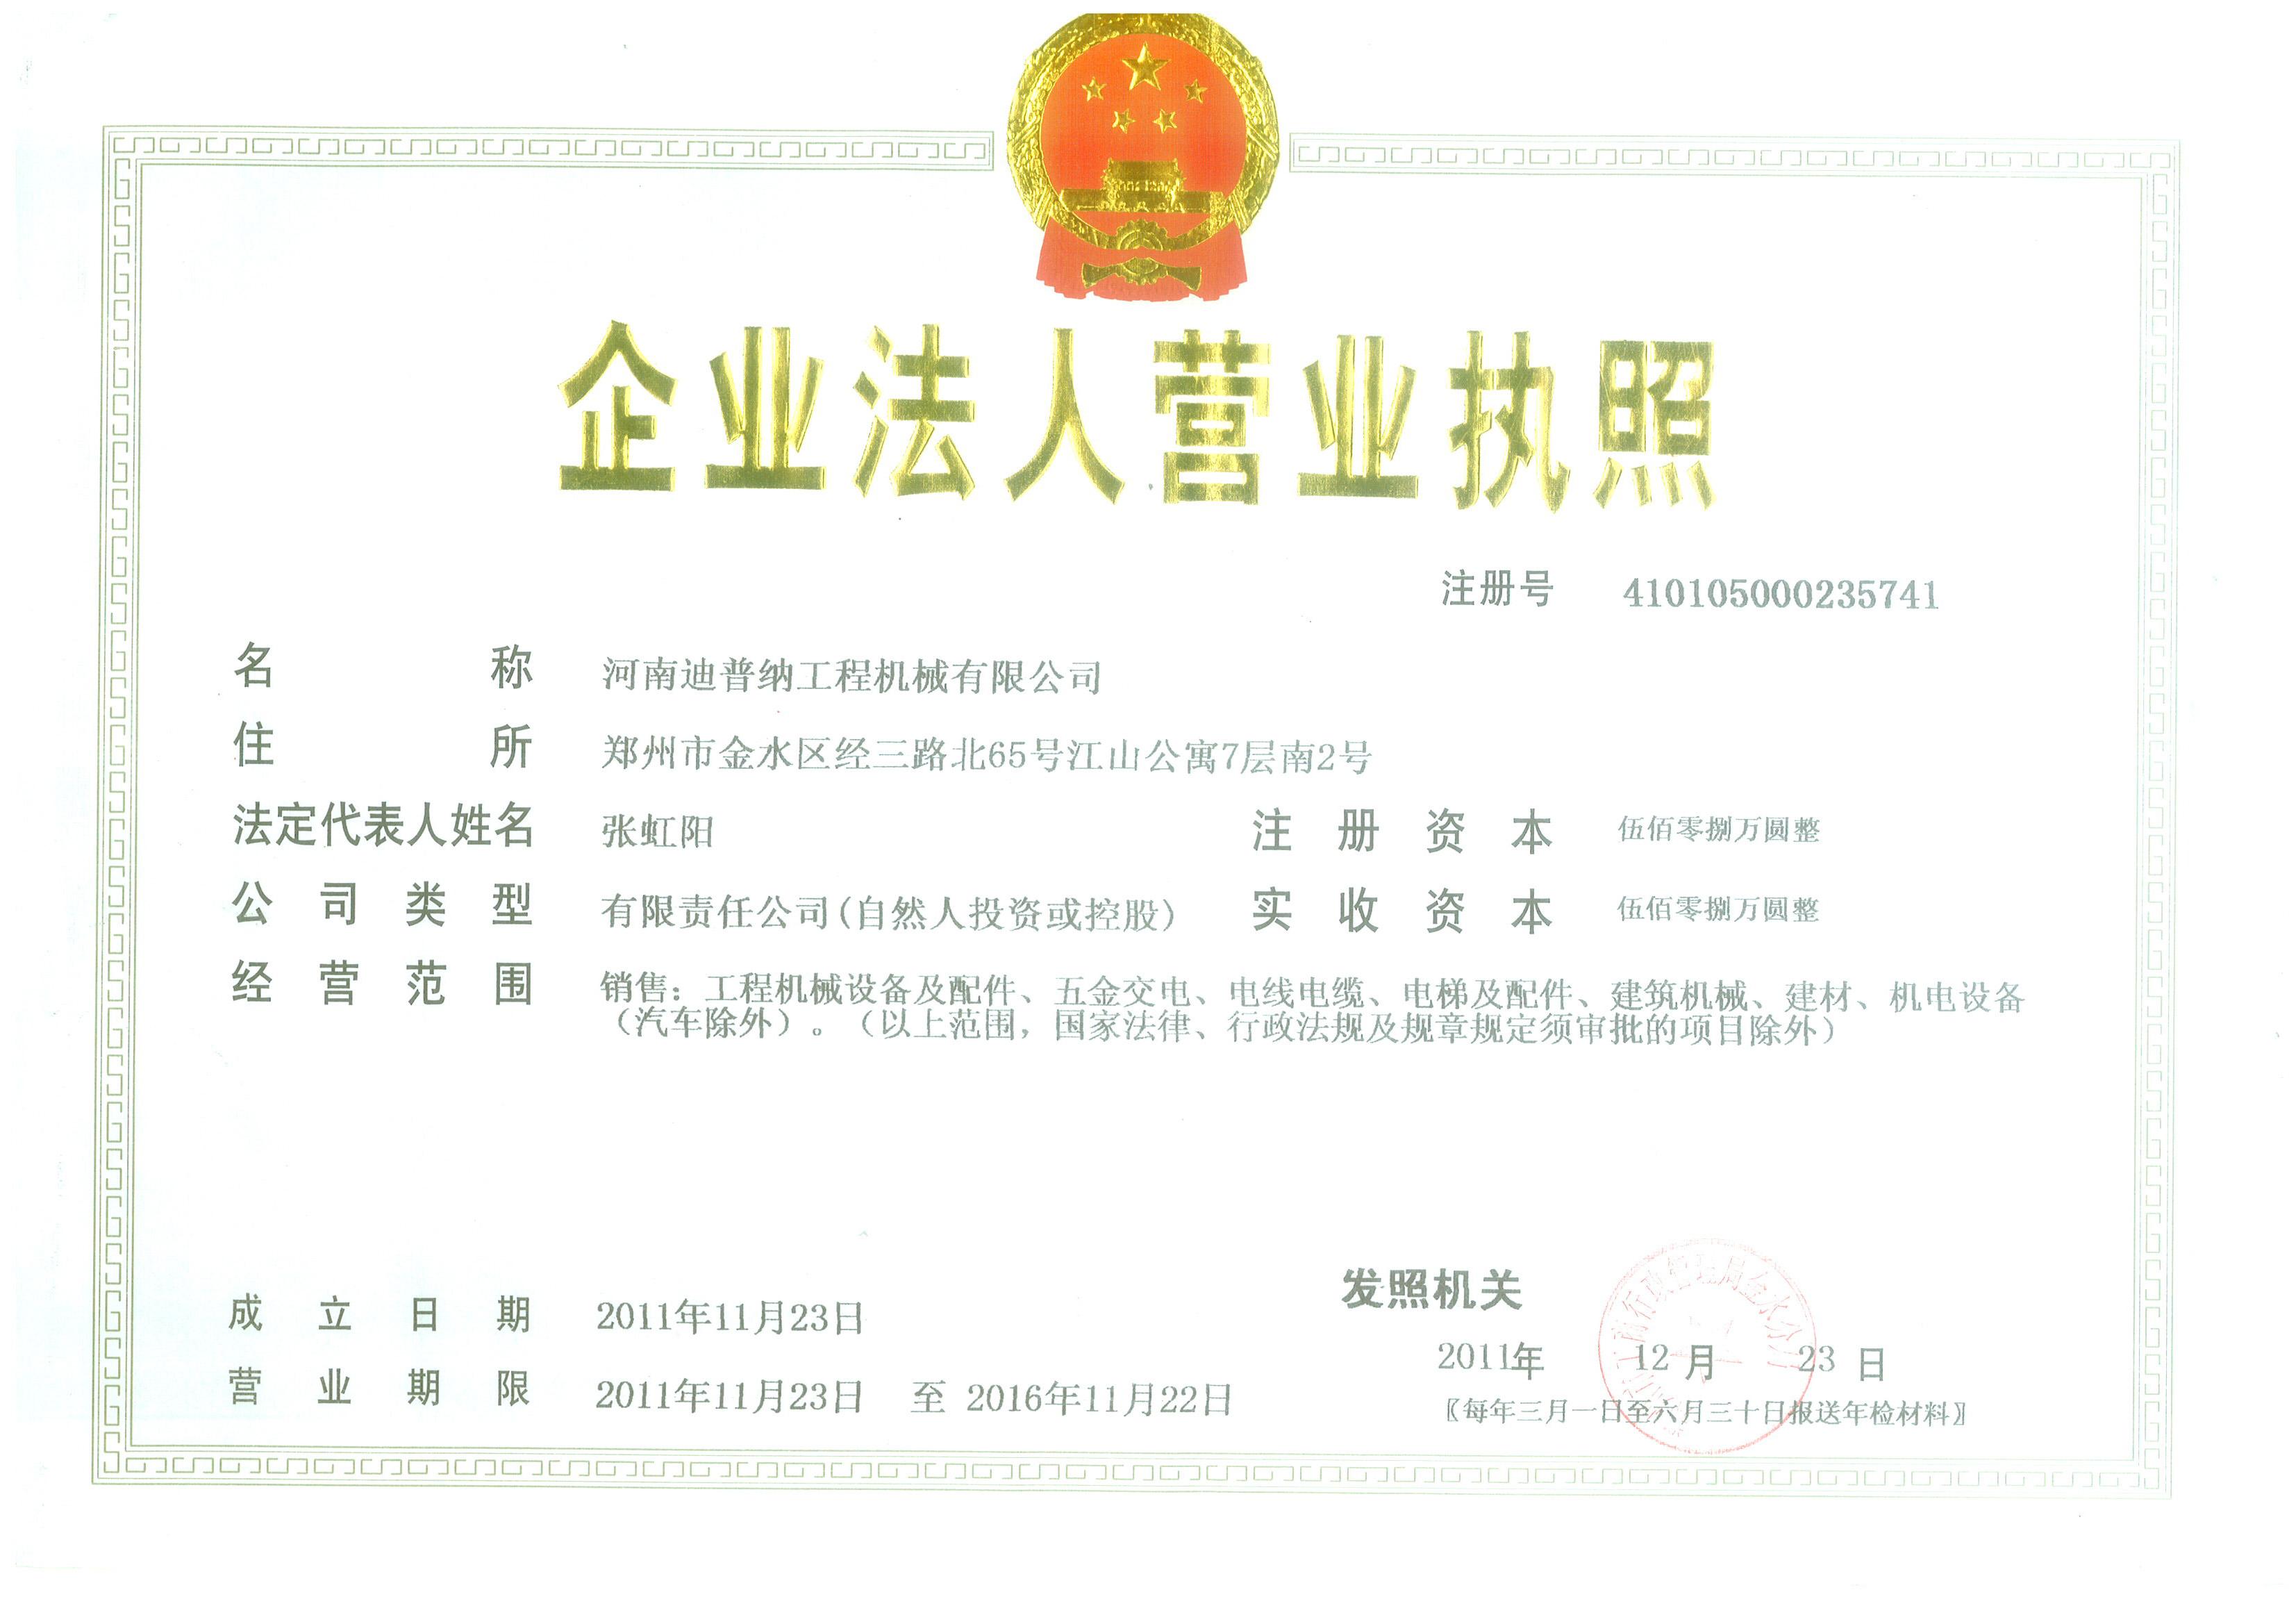 河南迪普纳工程机械有限公司